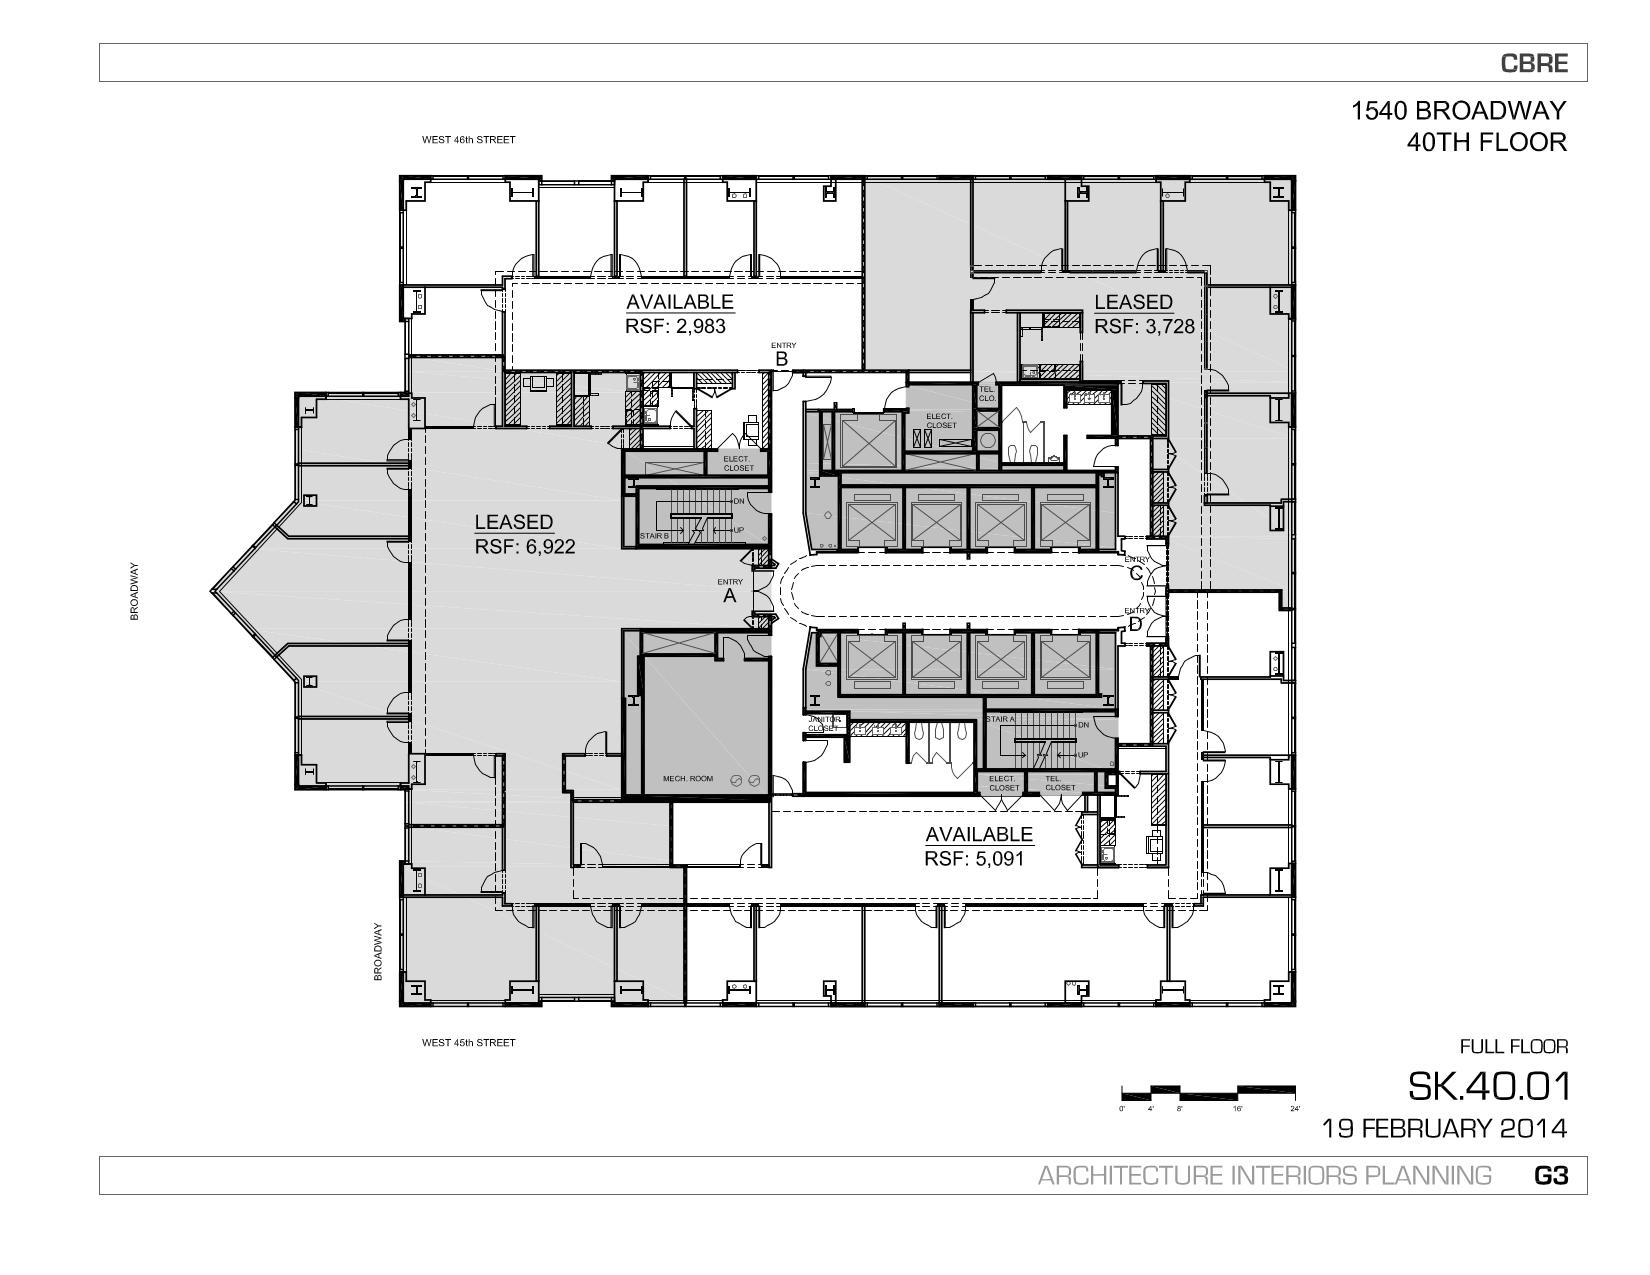 1540 Broadway 40th Floor Unit D Vts